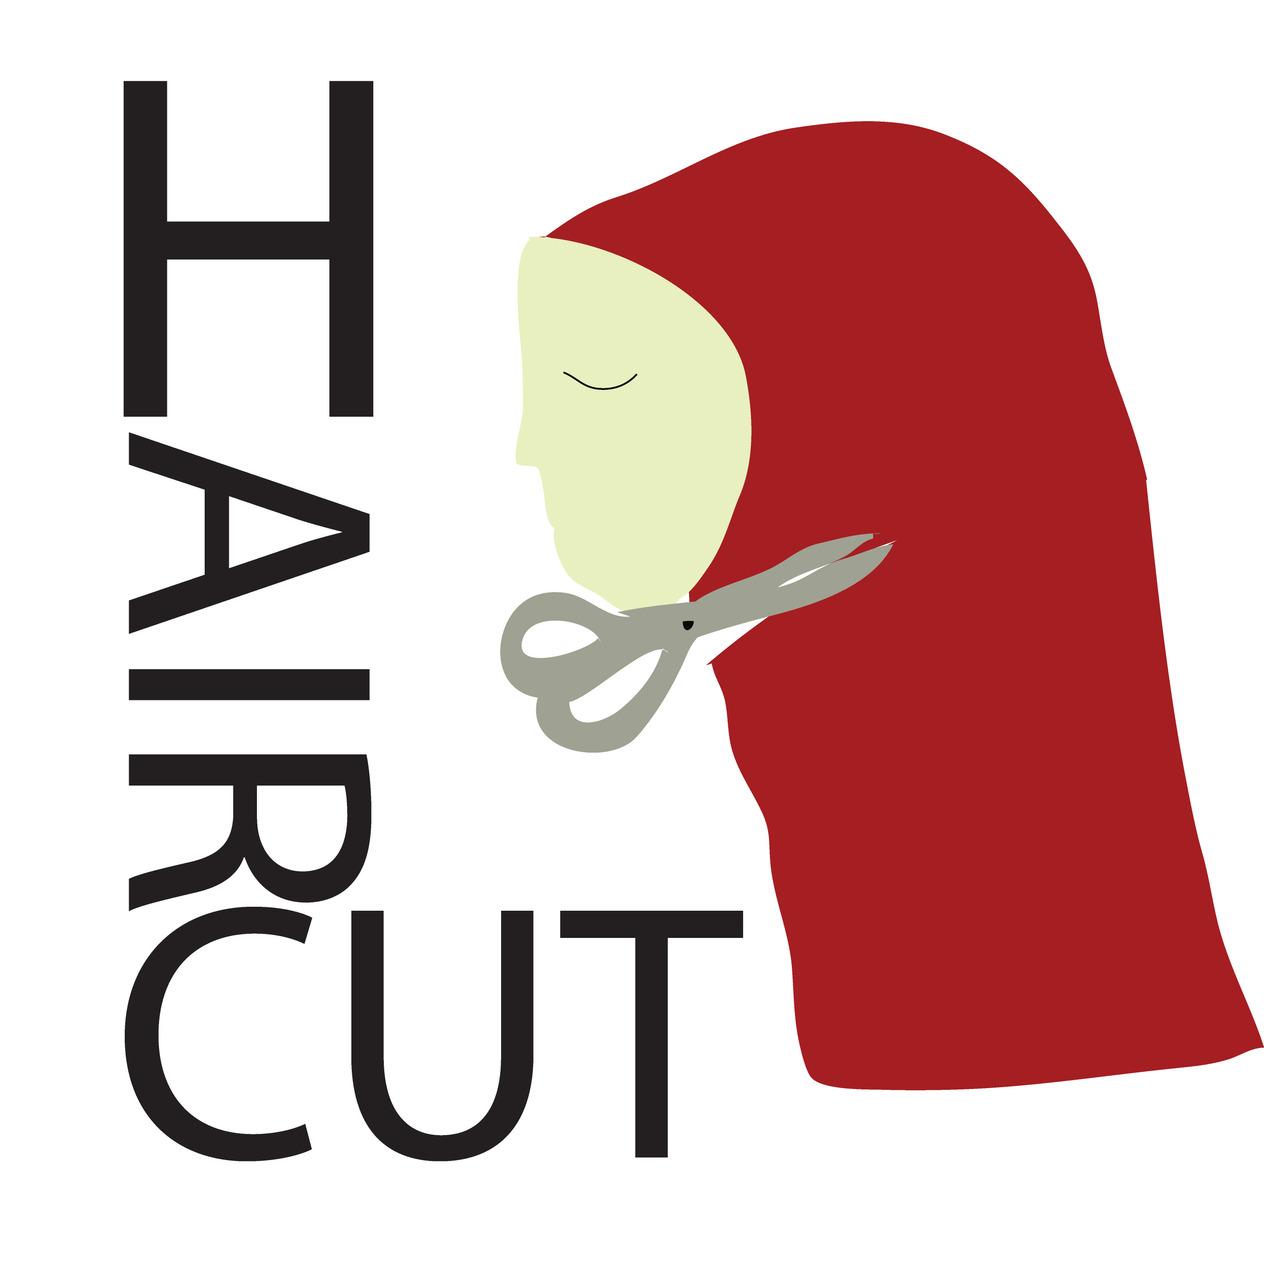 i got haircuts on the brain